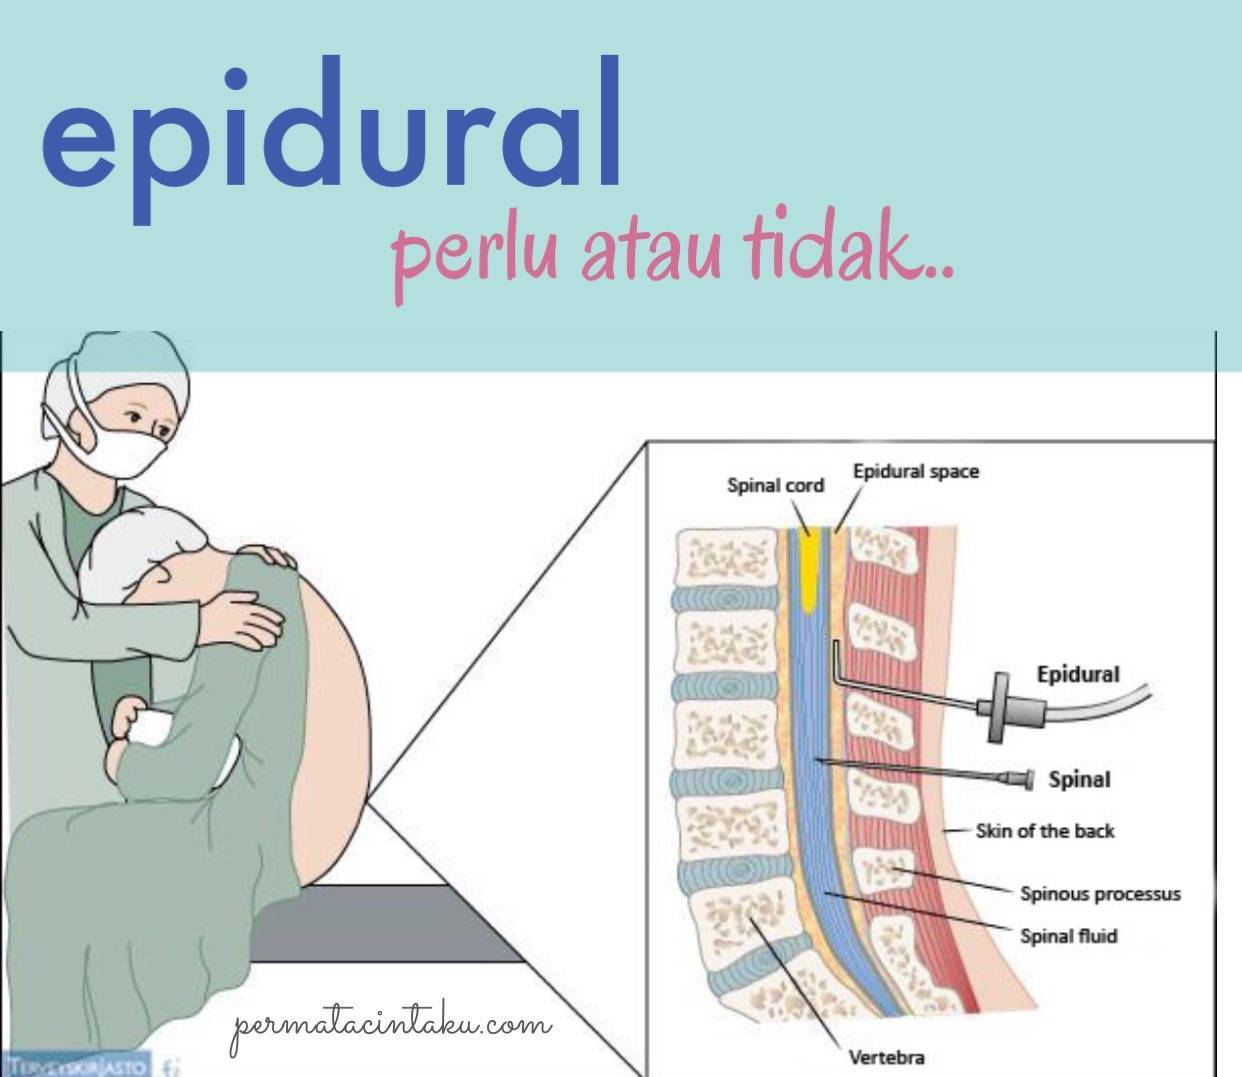 Спинальная и эпидуральная анестезия: различия